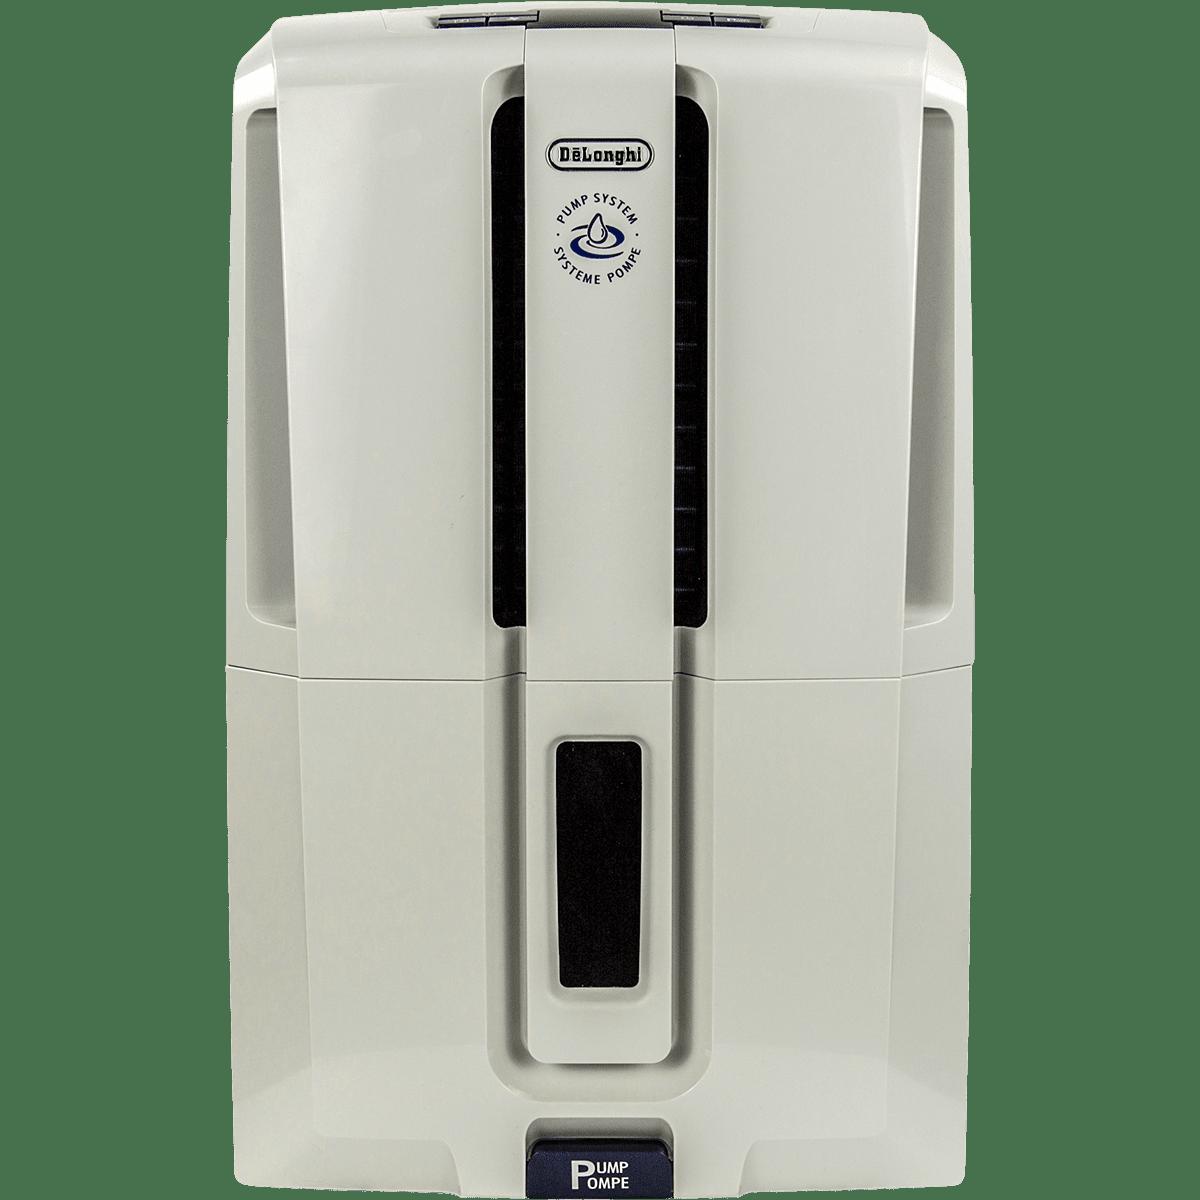 DeLonghi 50 Pint Dehumidifier w/ Pump de7021